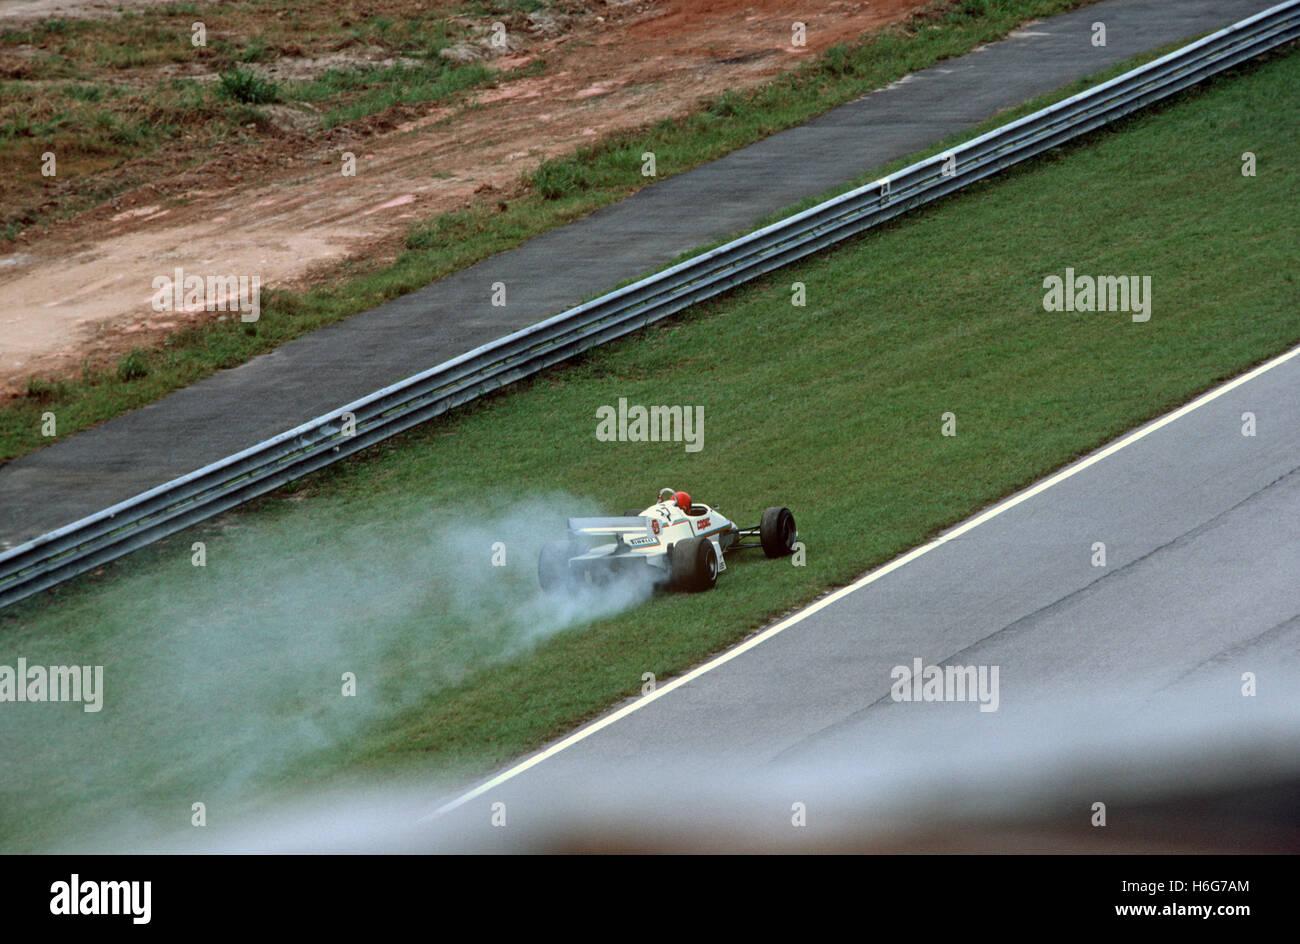 Nichtraucher Auto Zieht Aus Der Bahn Zu Jacarepagua Stromkreis, Rio De  Janeiro   Haus Von Der Formel 1 Grand Prix Von Brasilien